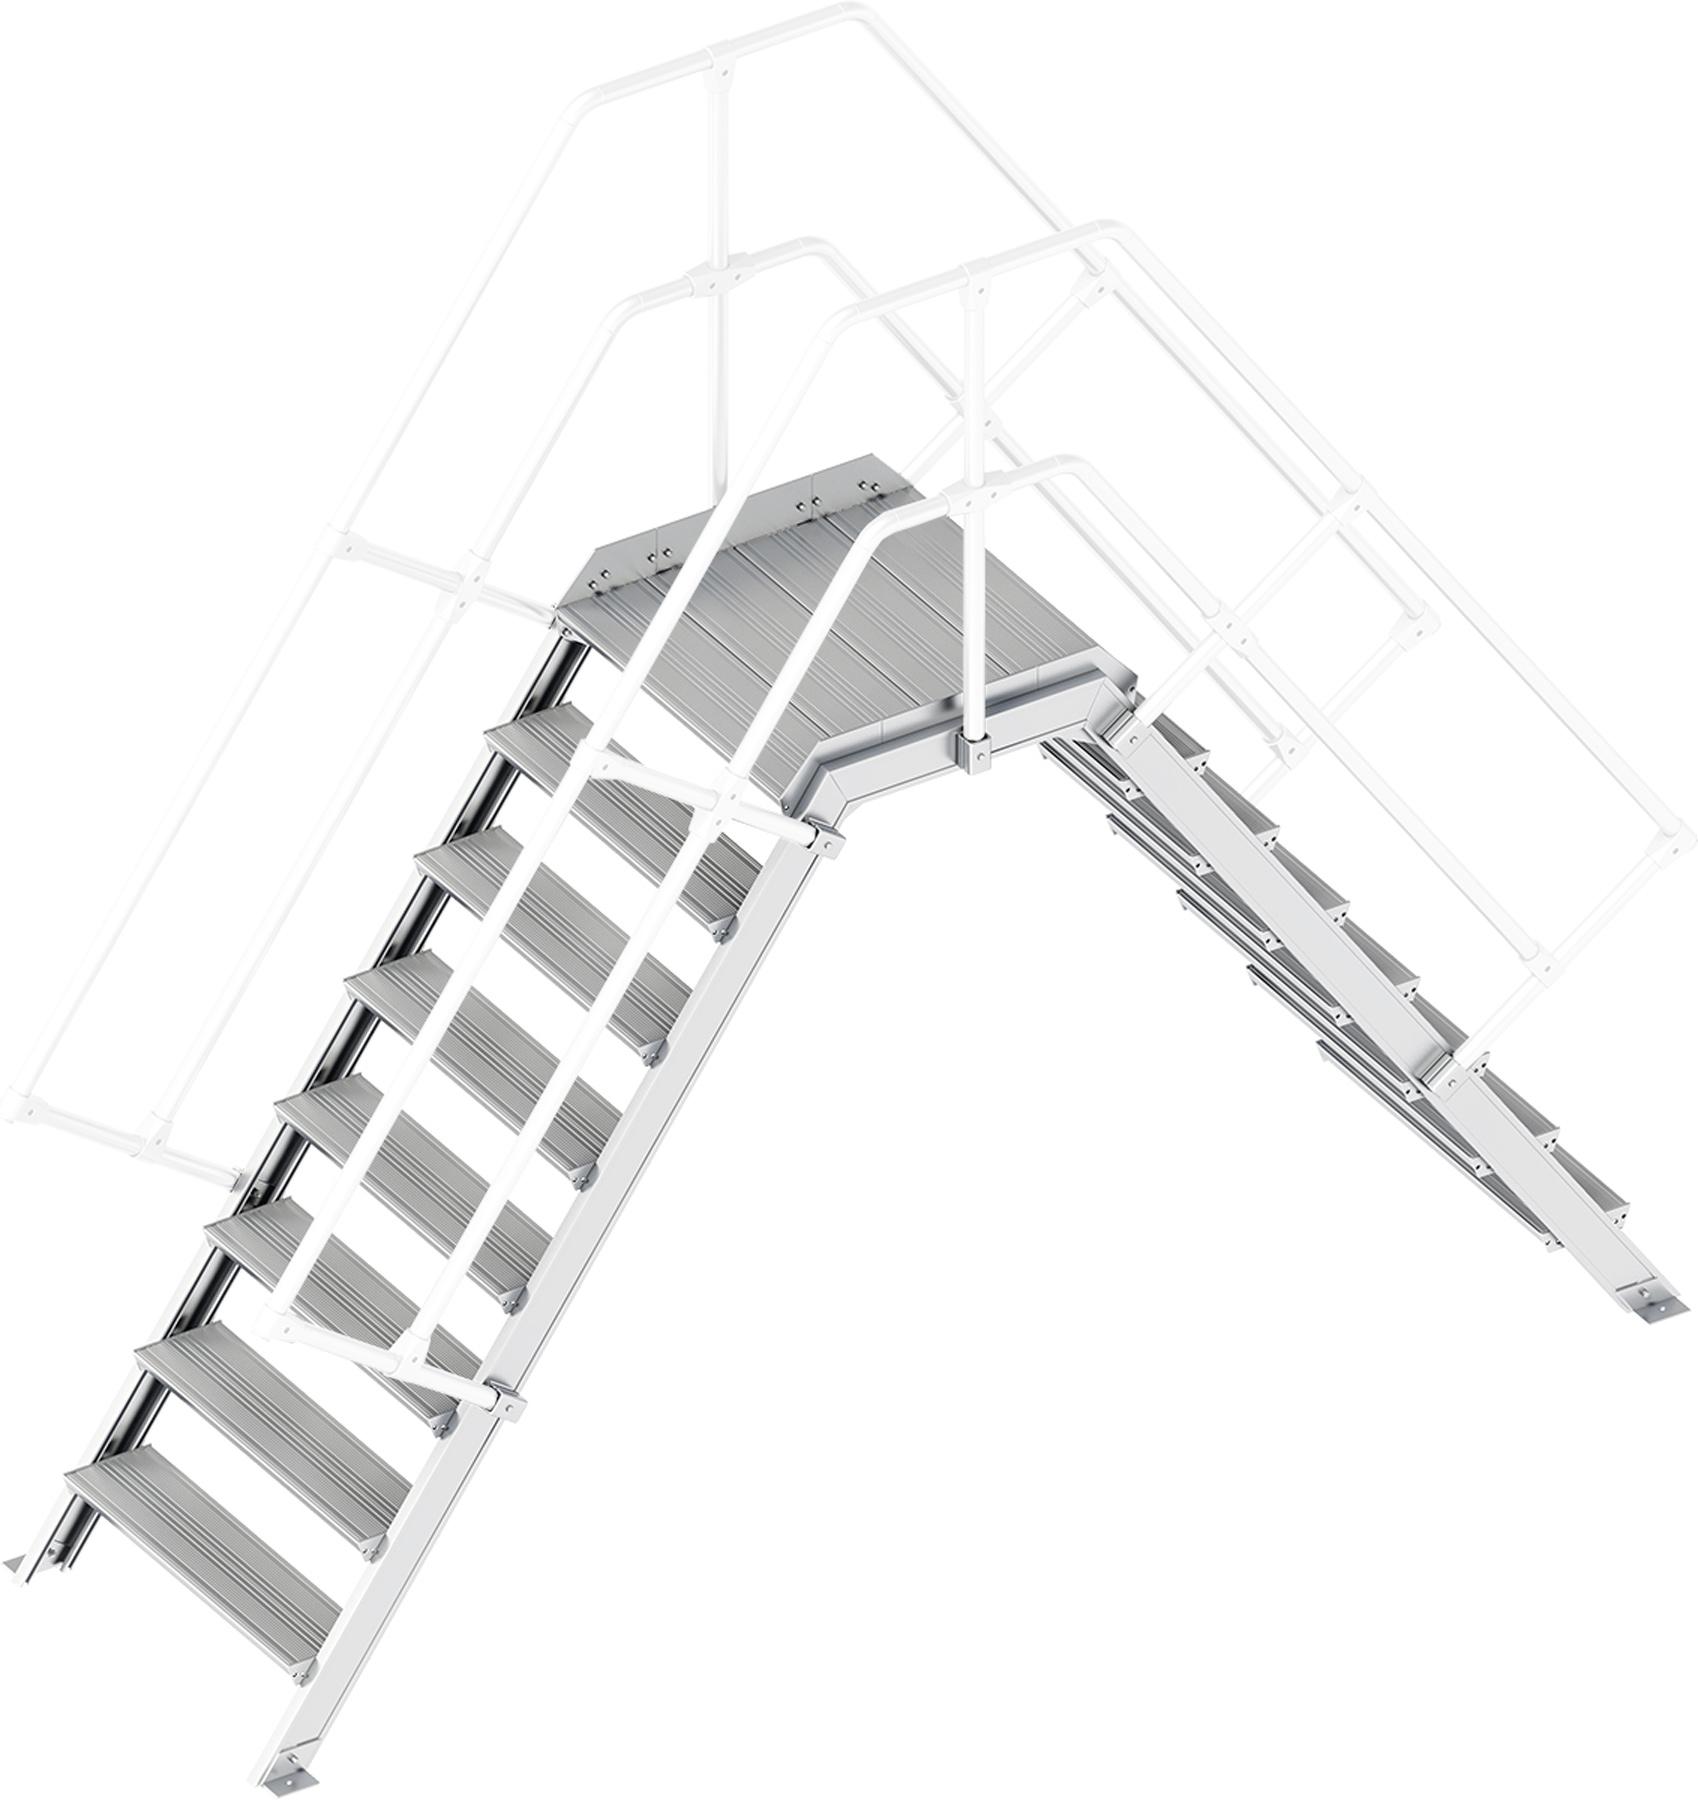 Layher Übergang 55° 8 Stufen - 800 mm breit